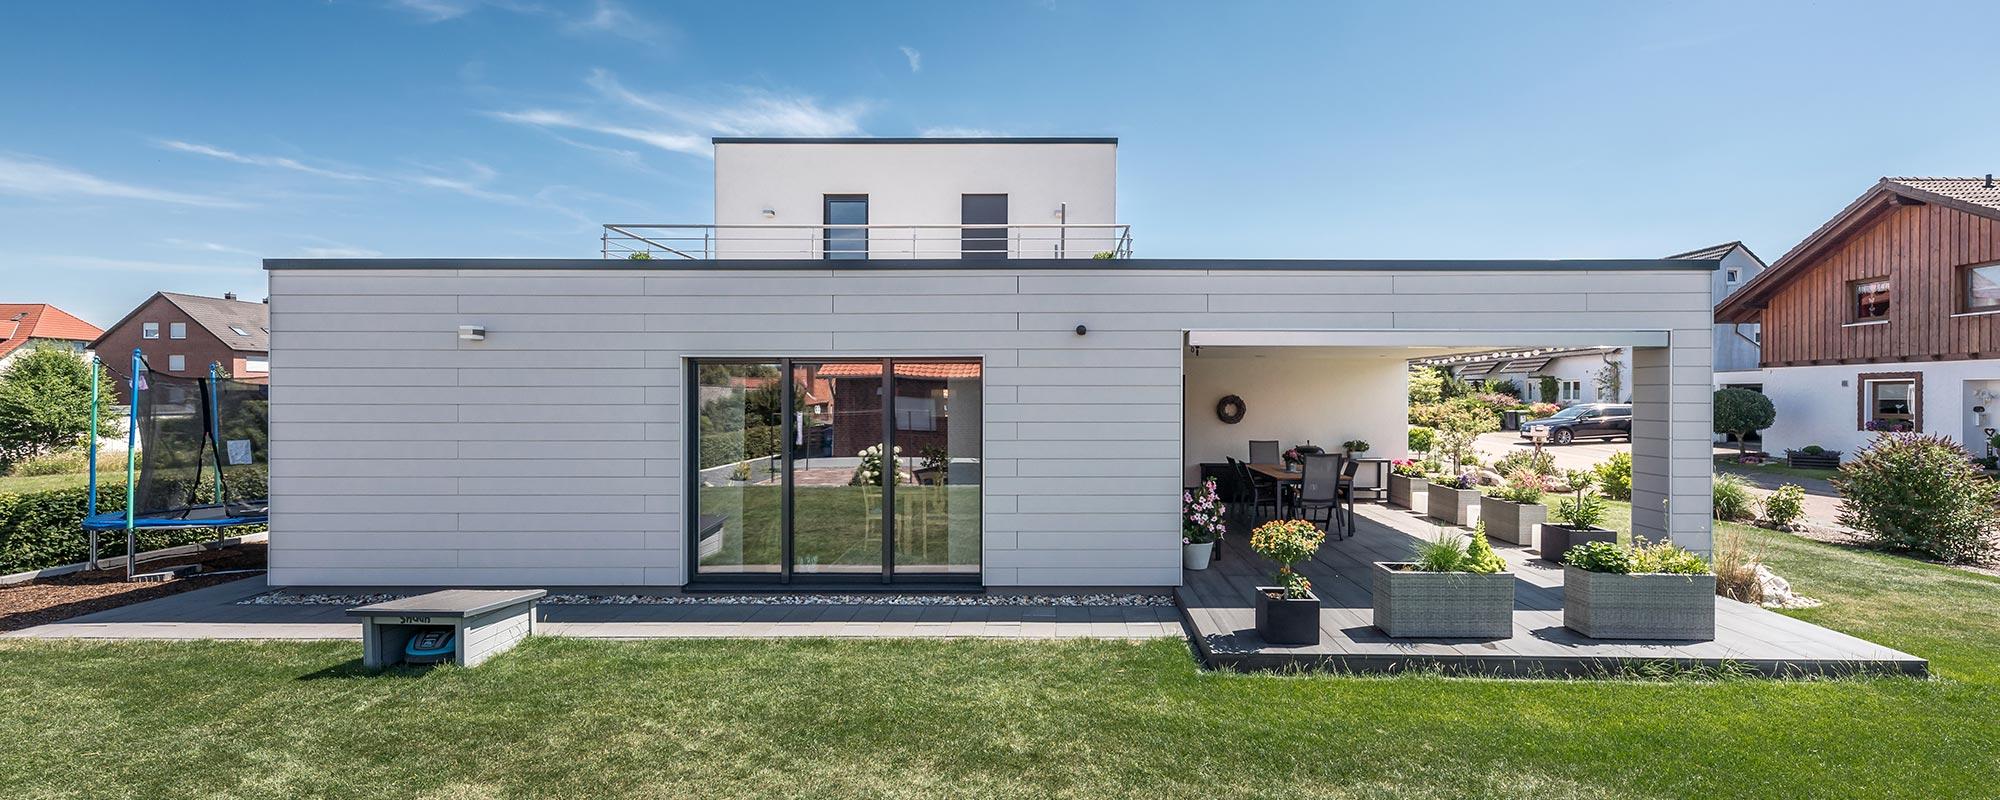 Holzhaus bauen in Holzrahmenbauweise, Referenz Holle Wohnhaus Klappenweg Lamspringe, Karl Hoffmeister GmbH